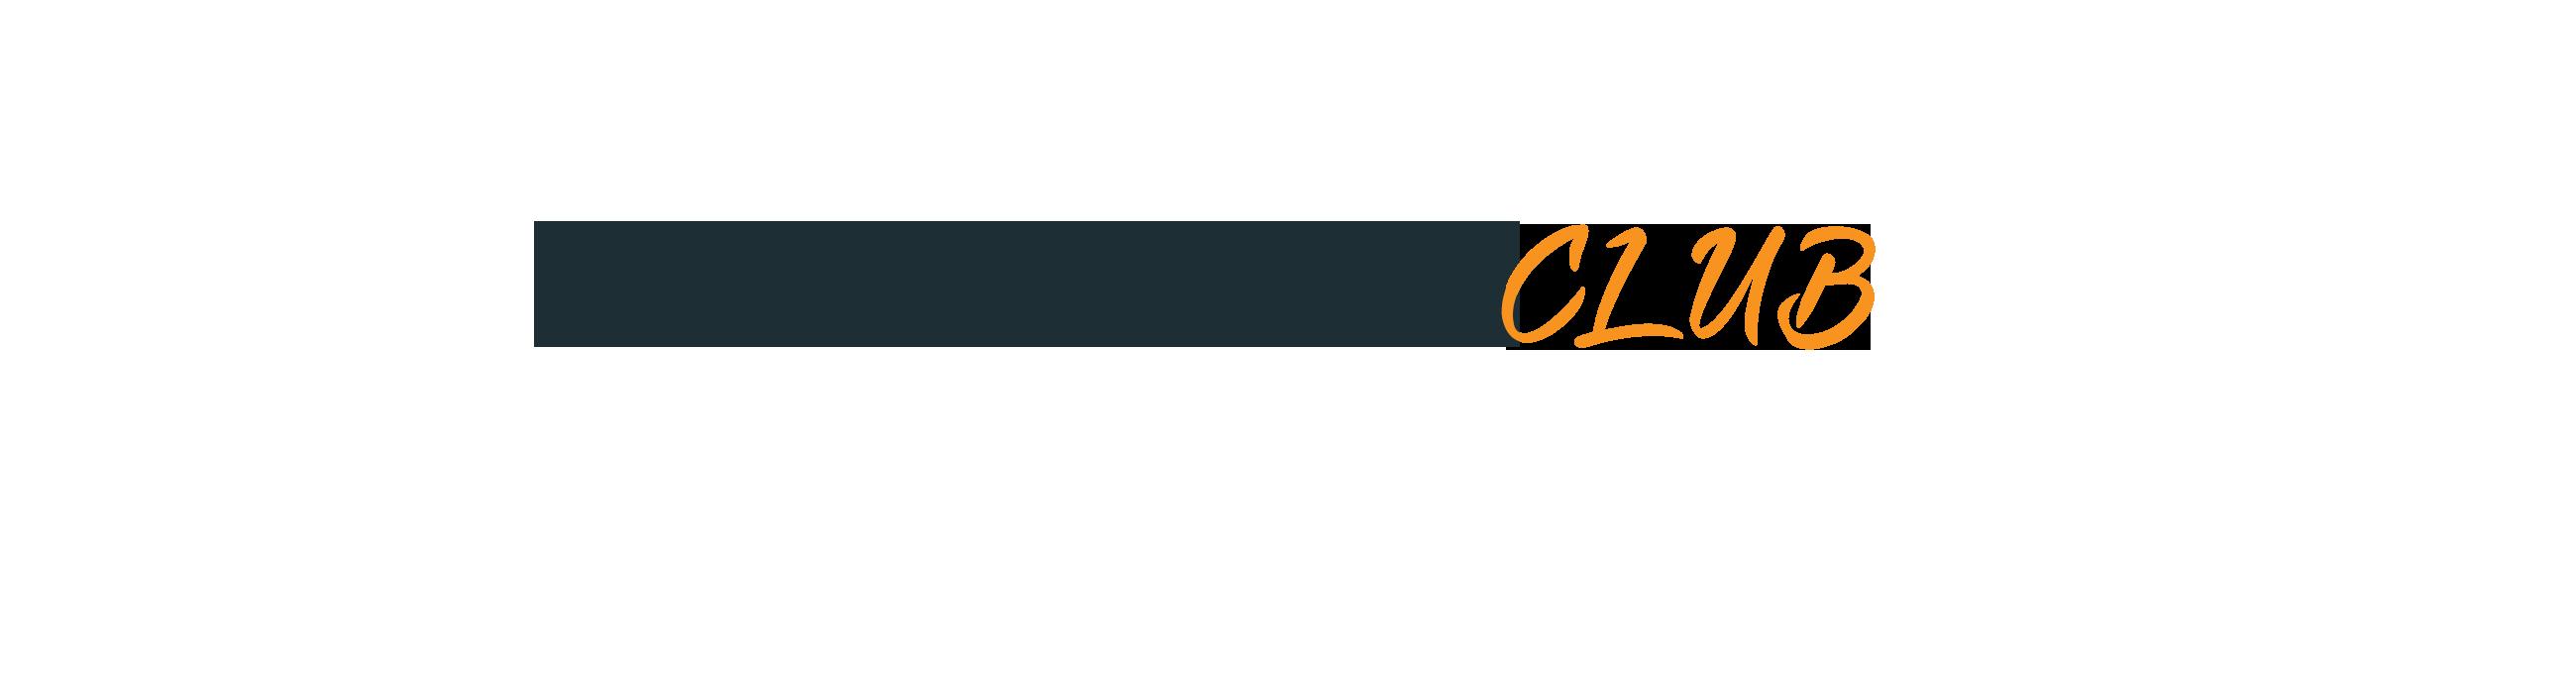 exclusivasclub logo